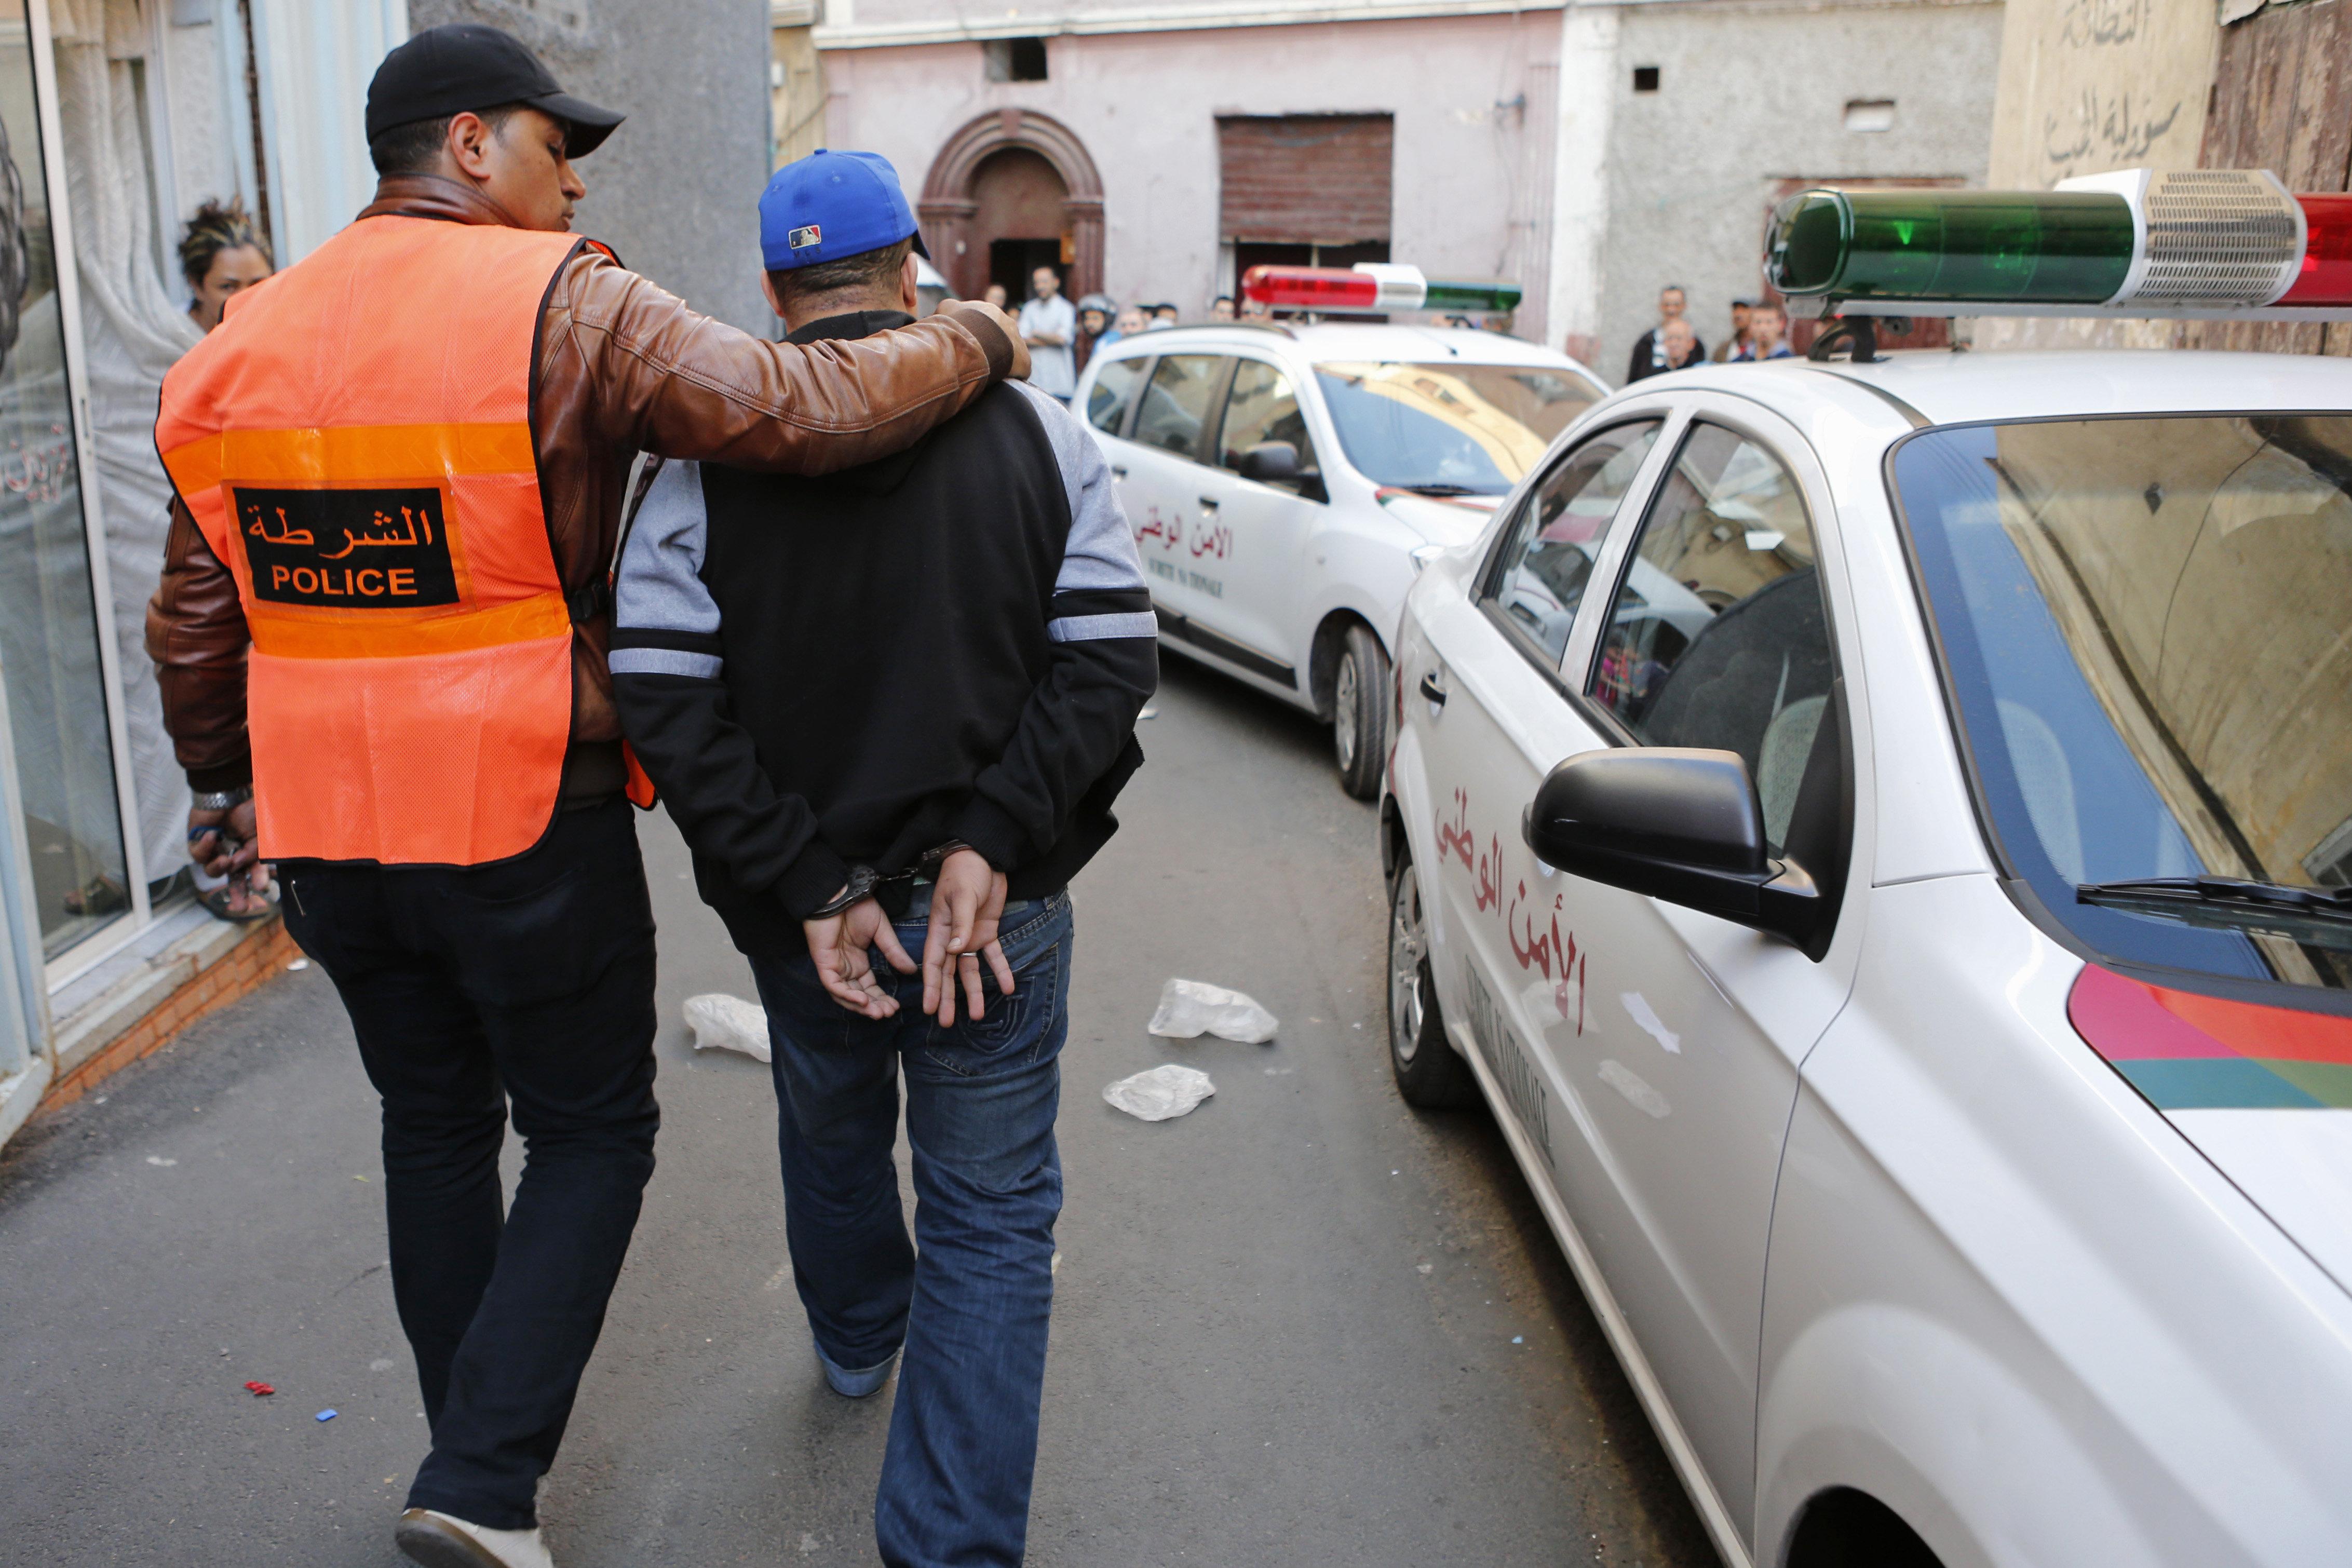 Trafic de drogue: L'homme qui apparaissait menotté et en sang dans une vidéo virale a été arrêté à